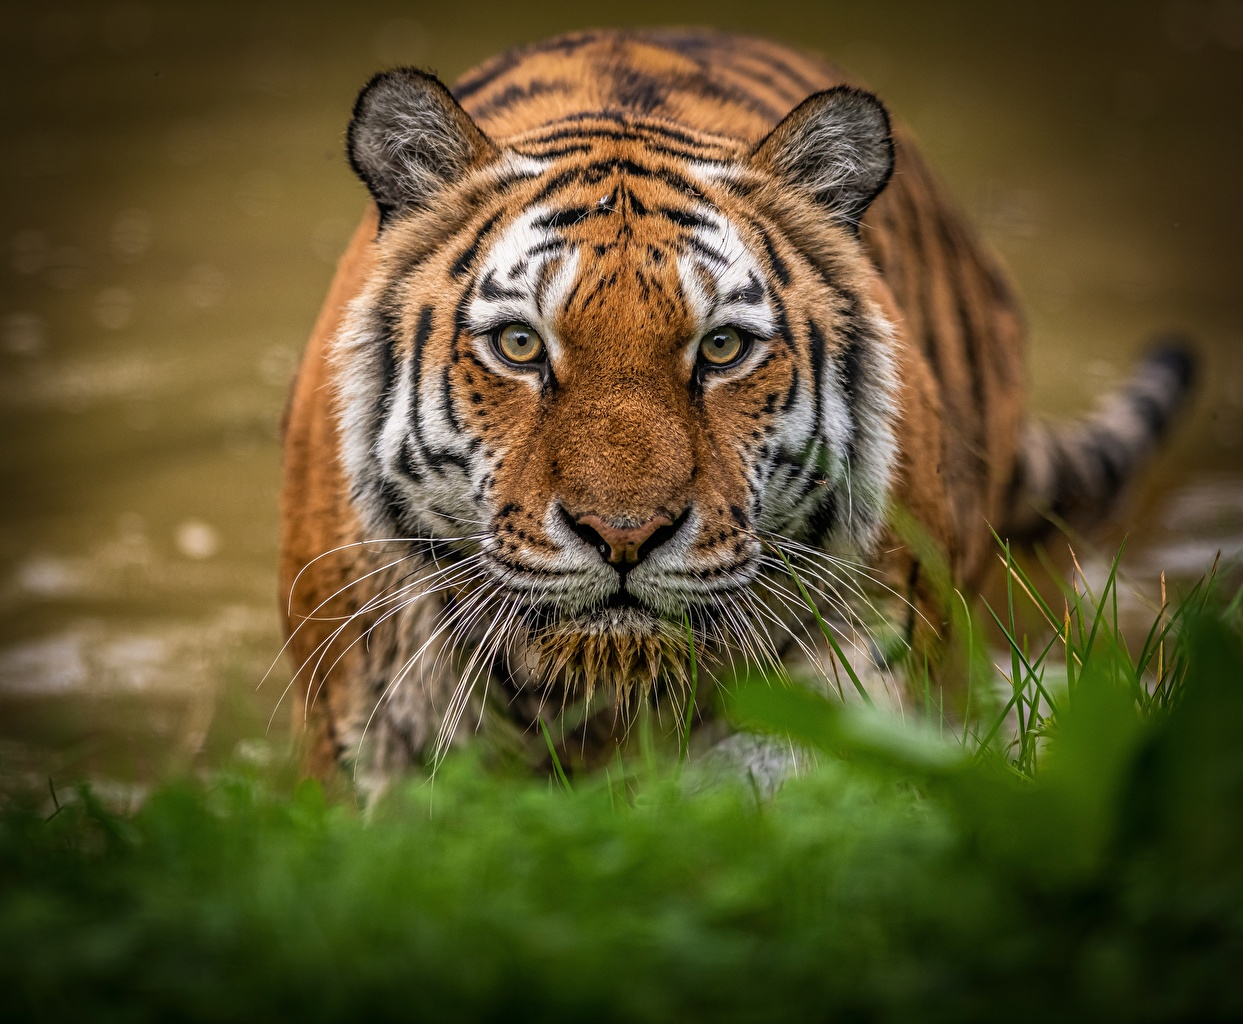 Картинка Тигры морды смотрят Животные тигр Морда Взгляд смотрит животное